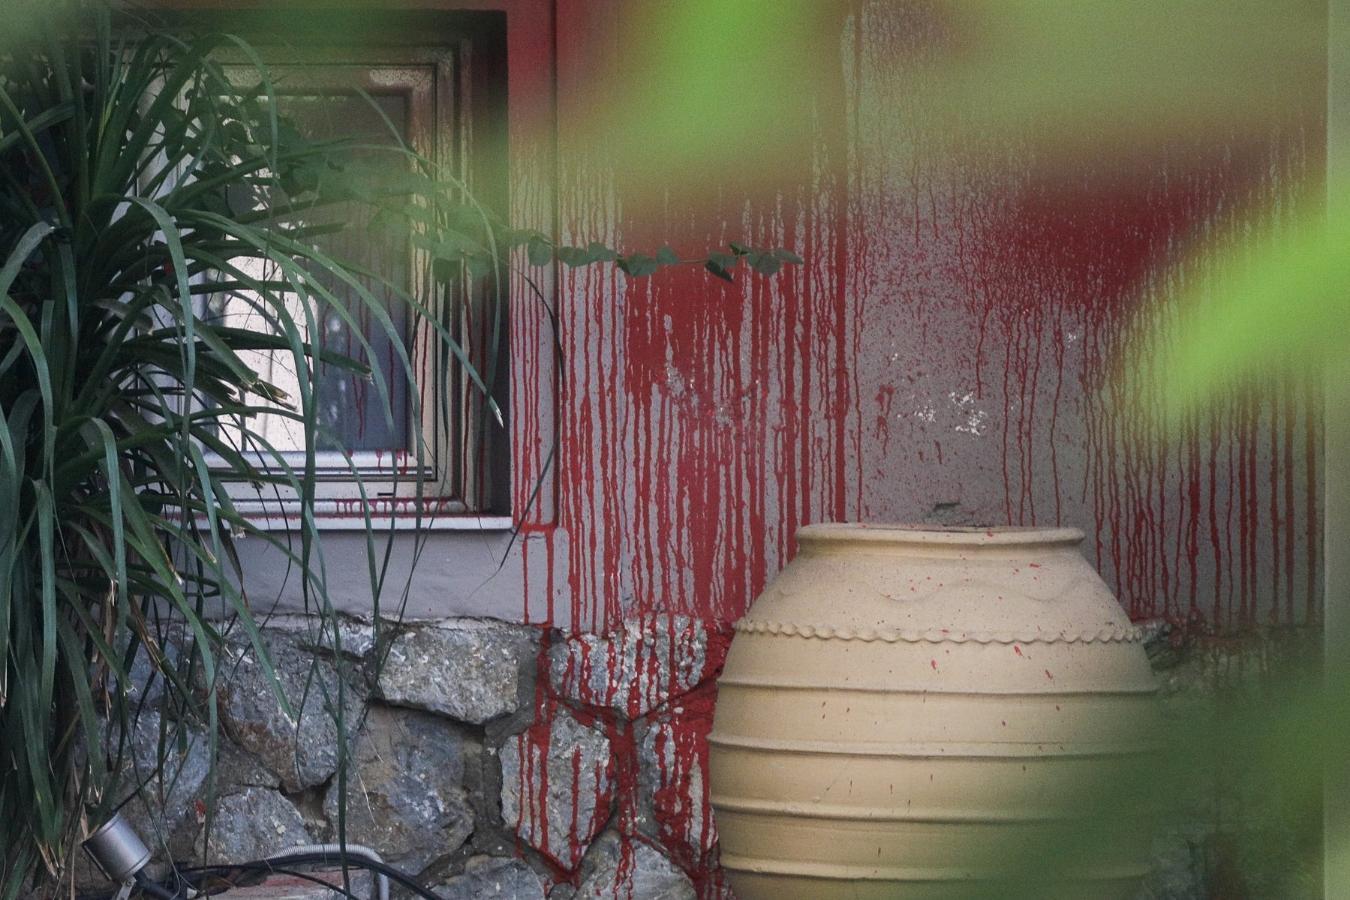 Οι πρώτες φωτογραφίες από την επίθεση του Ρουβίκωνα σε εστιατόριο